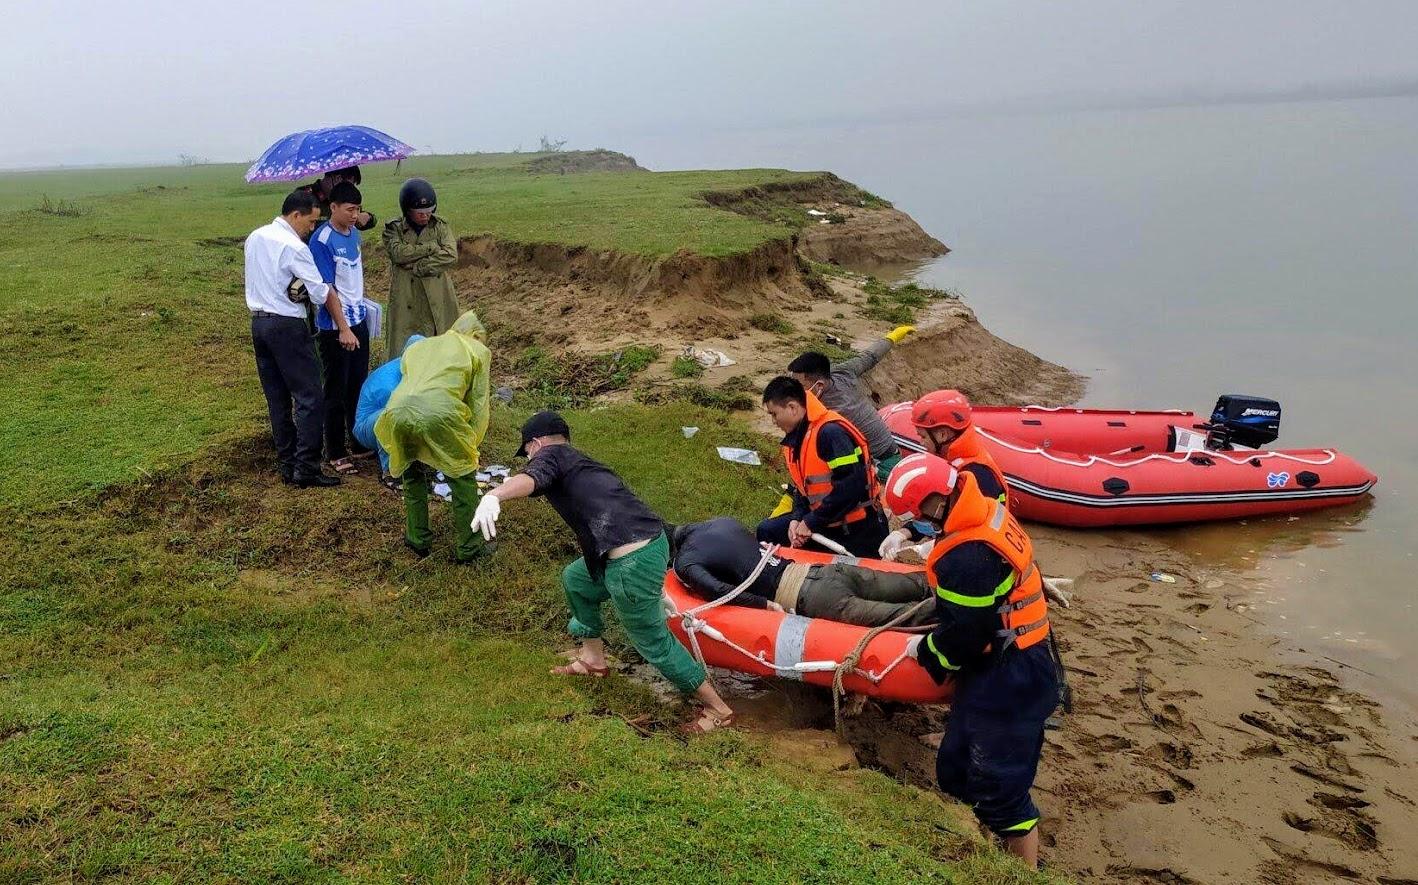 Đến khoảng 11h30p, thi thể nam thanh niên được tìm thấy tại khu vực bãi bồi xã Xuân Giang, huyện Nghi Xuân.